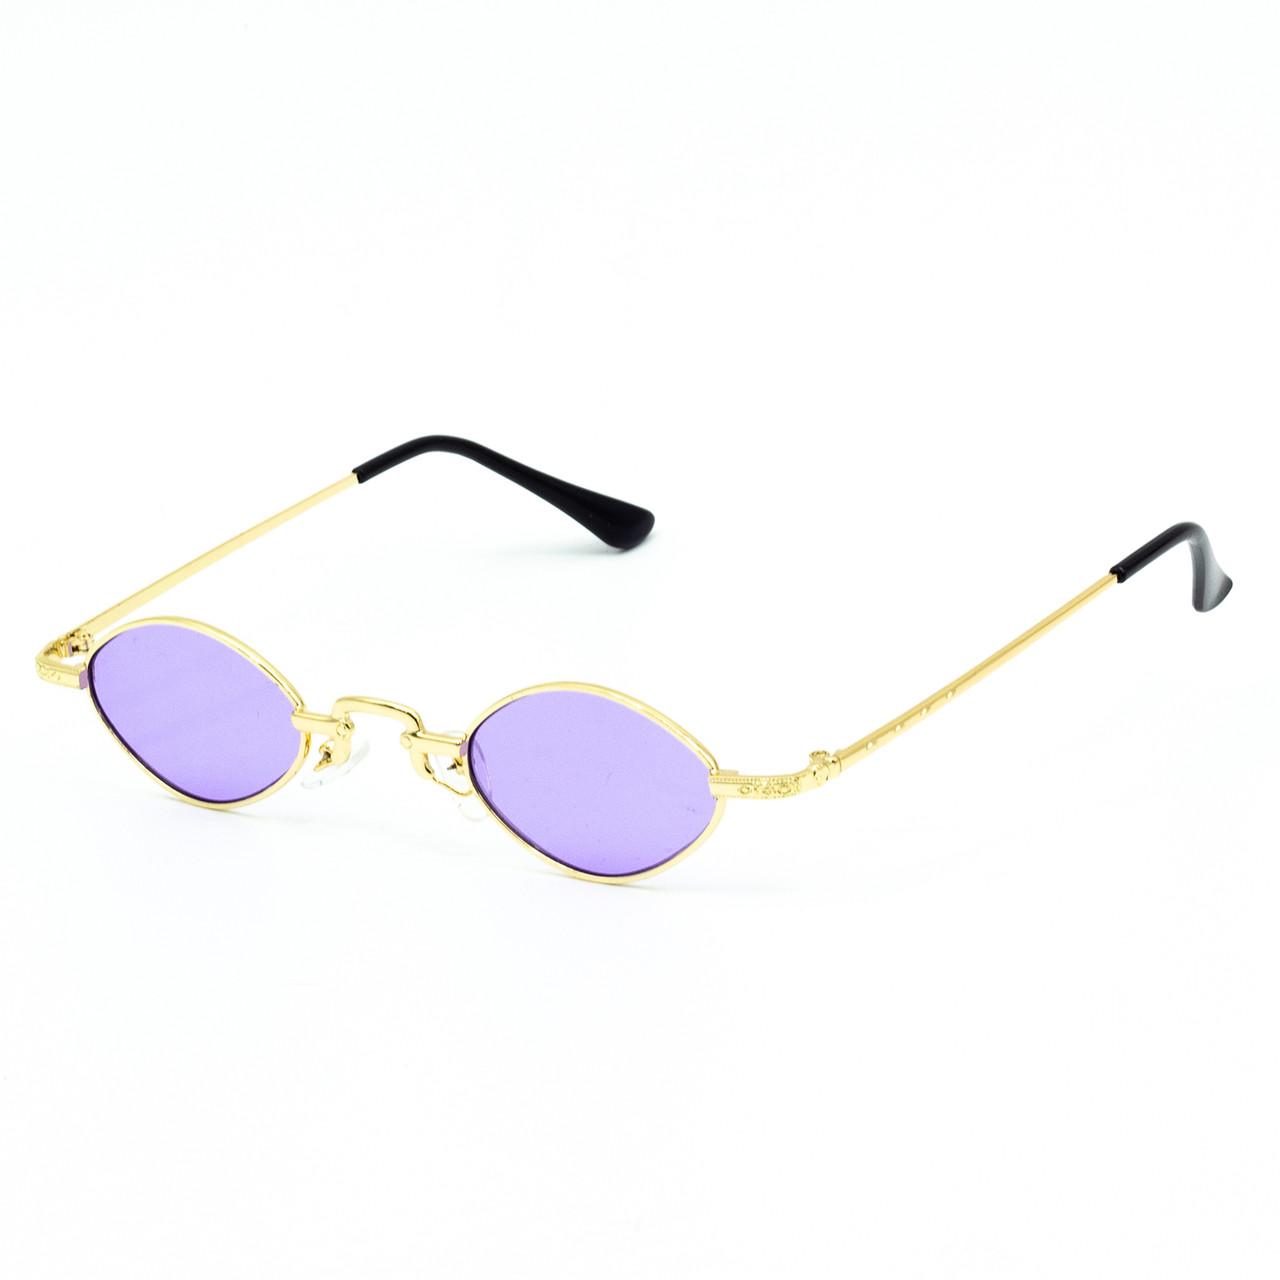 Солнцезащитные очки Marmilen 9941 C7 золотые с сиреневым    ( LE9941-07 )